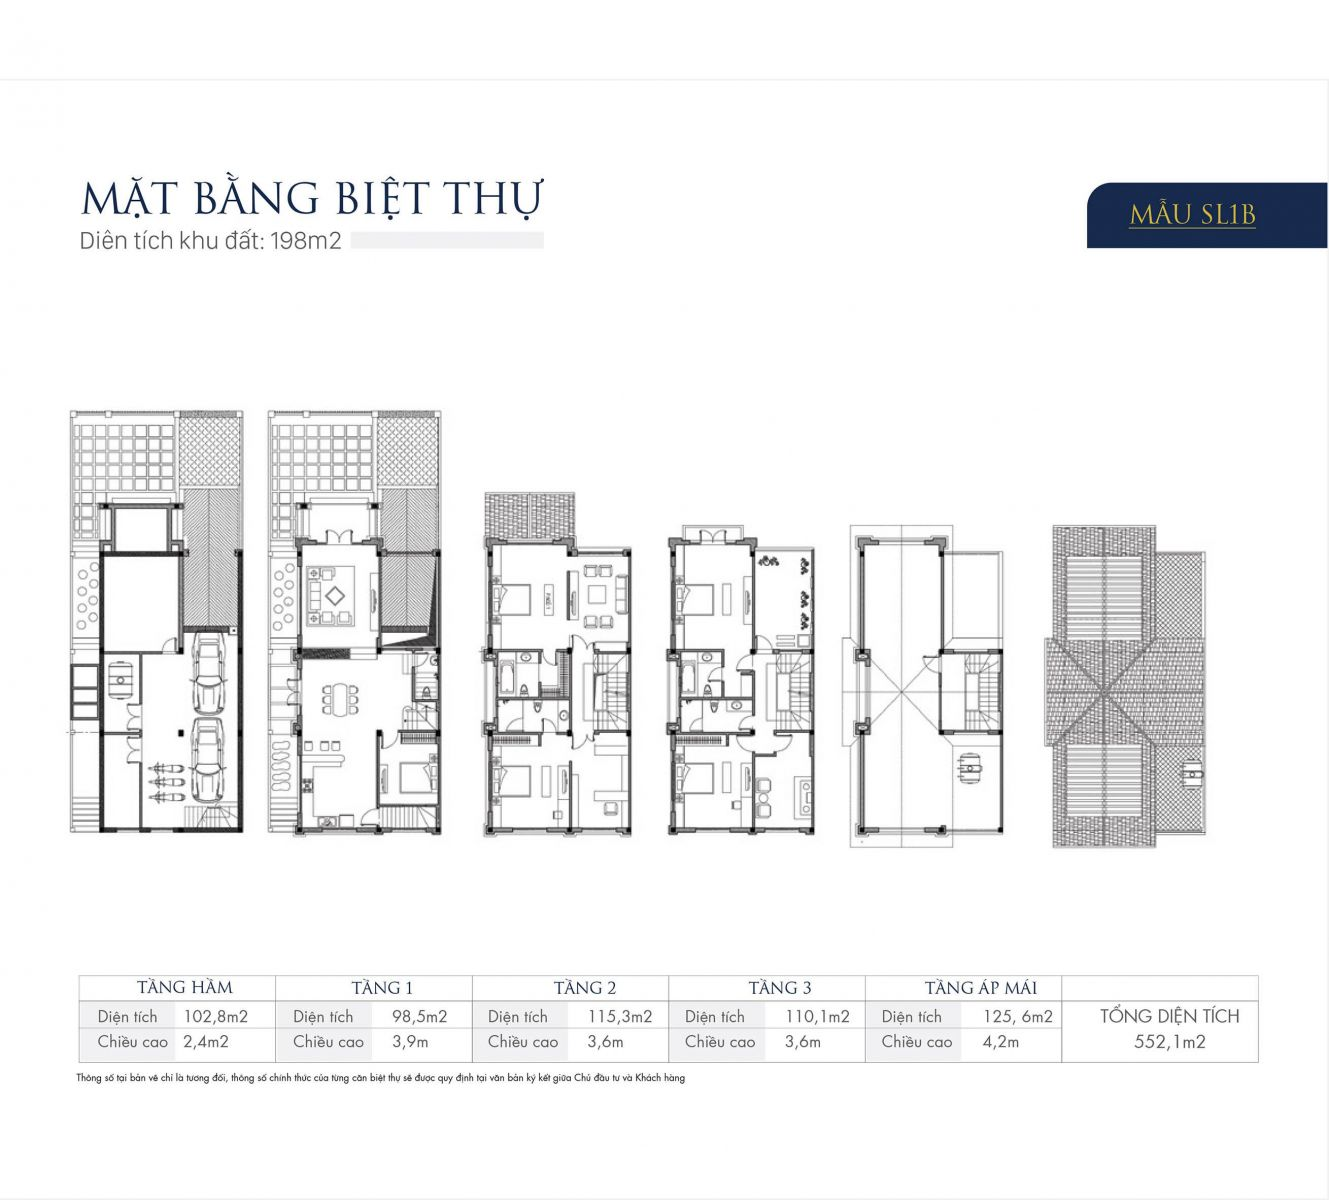 Mặt bằng thiết kế mẫu SL1B Biệt thự An Khang Villas Nam Cường Dương Nội